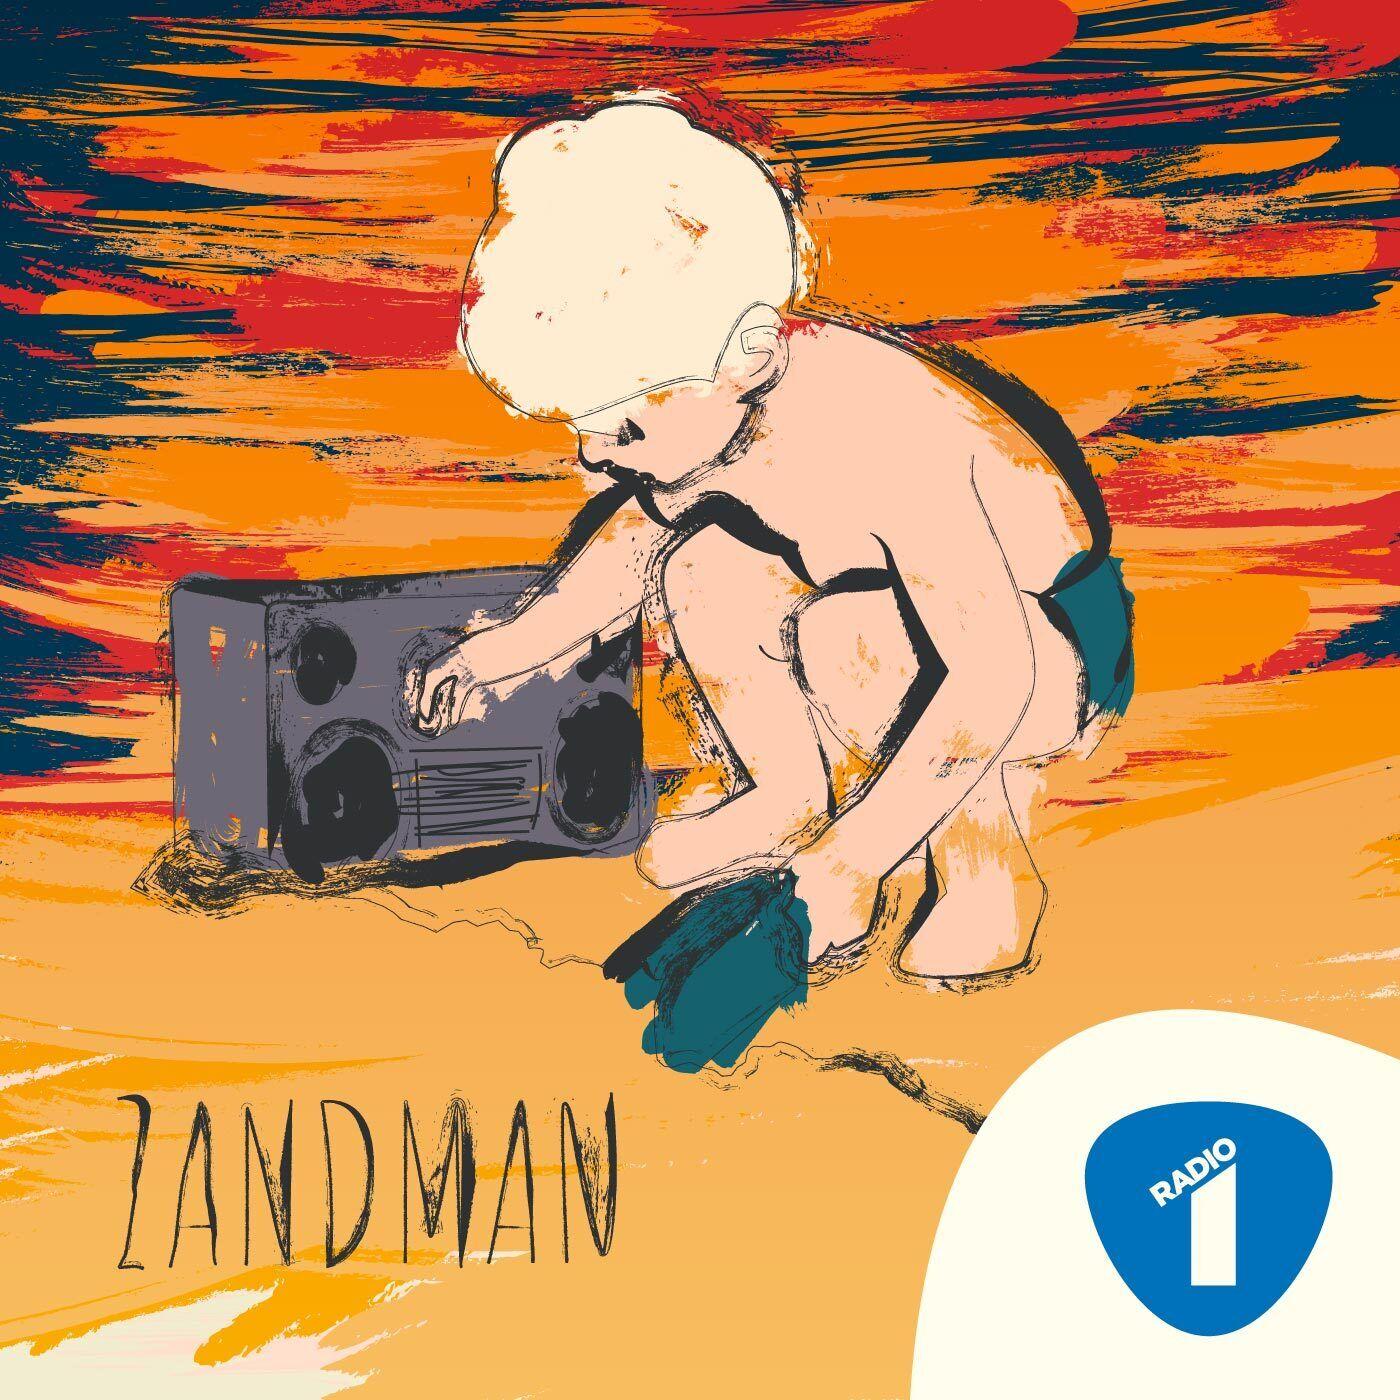 Zandman logo